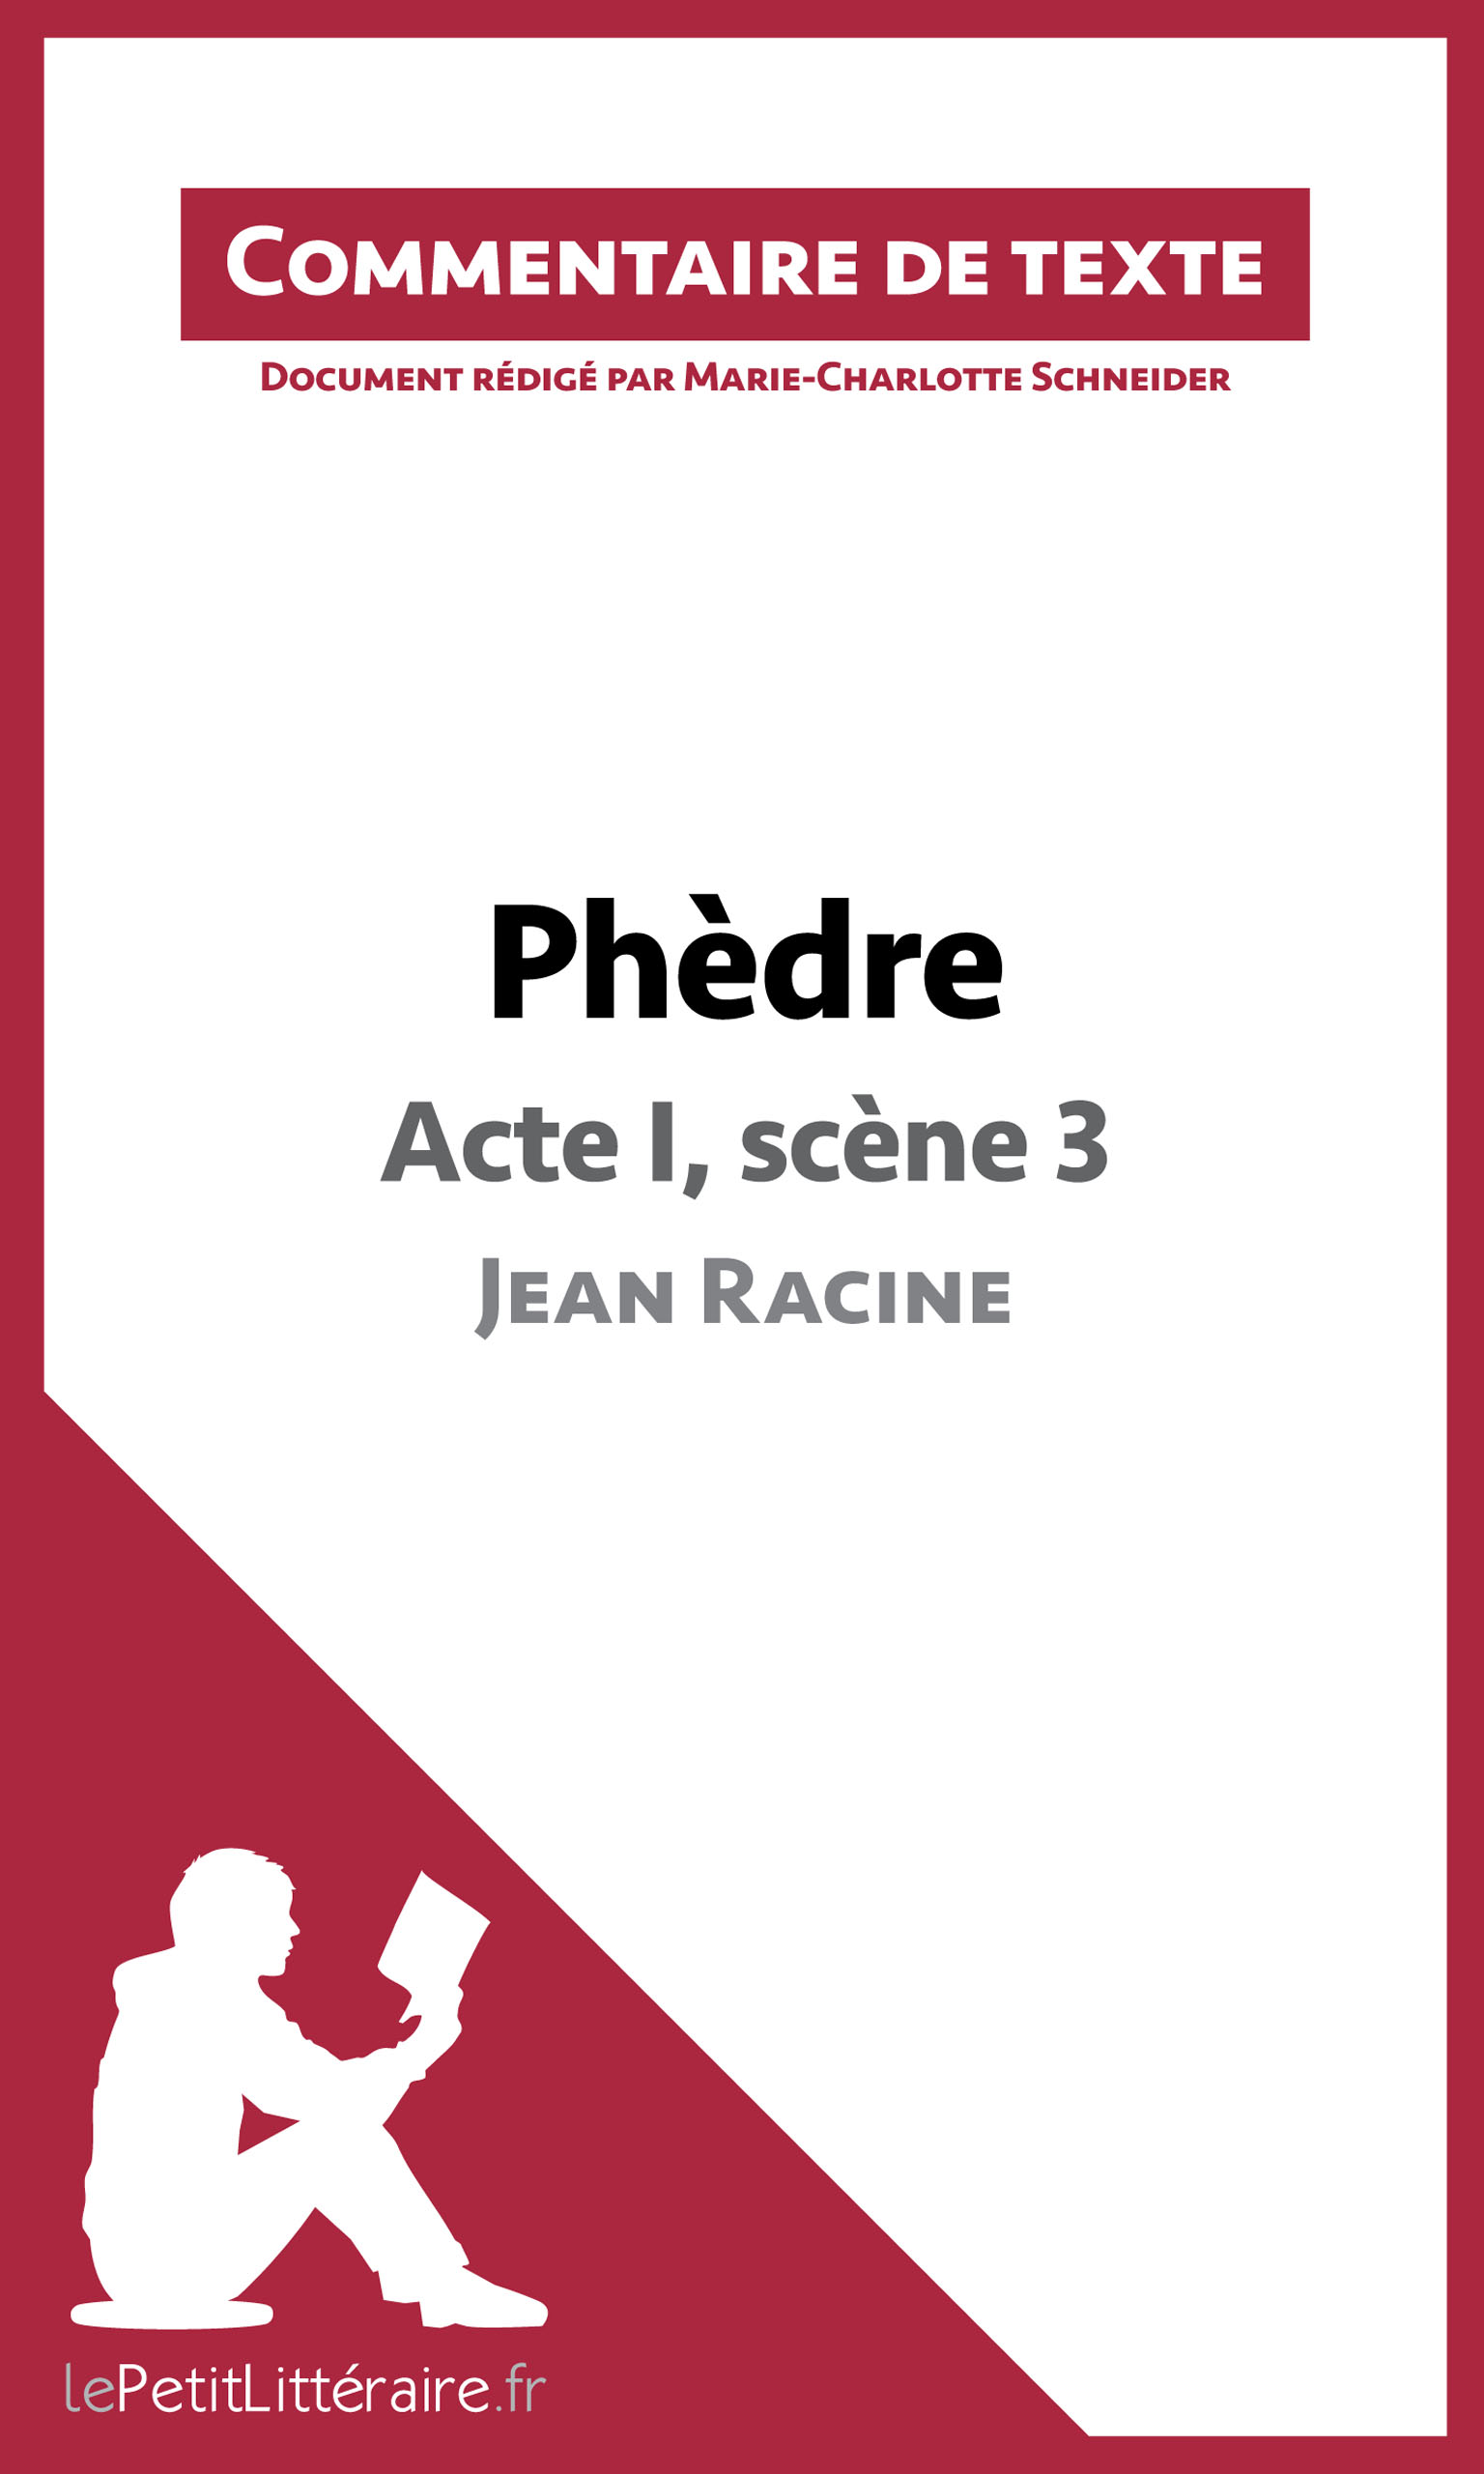 La scène 3 de l'acte I